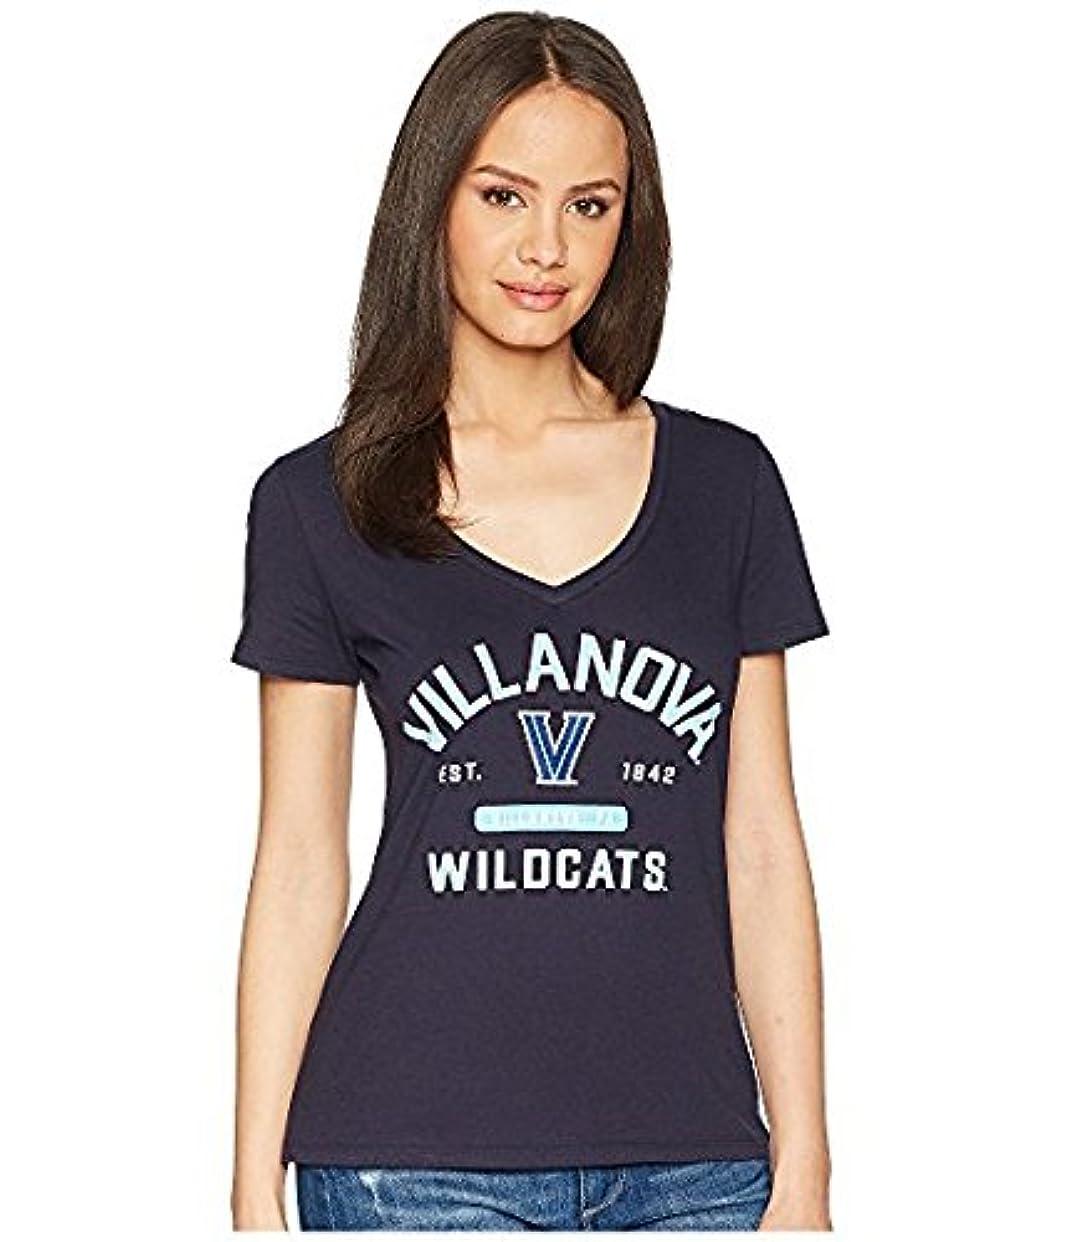 有用位置するぬれたチャンピオンカレッジ Champion College レディース トップス シャツ ブラウス Navy Villanova Wildcats University V-Neck Tee [並行輸入品]